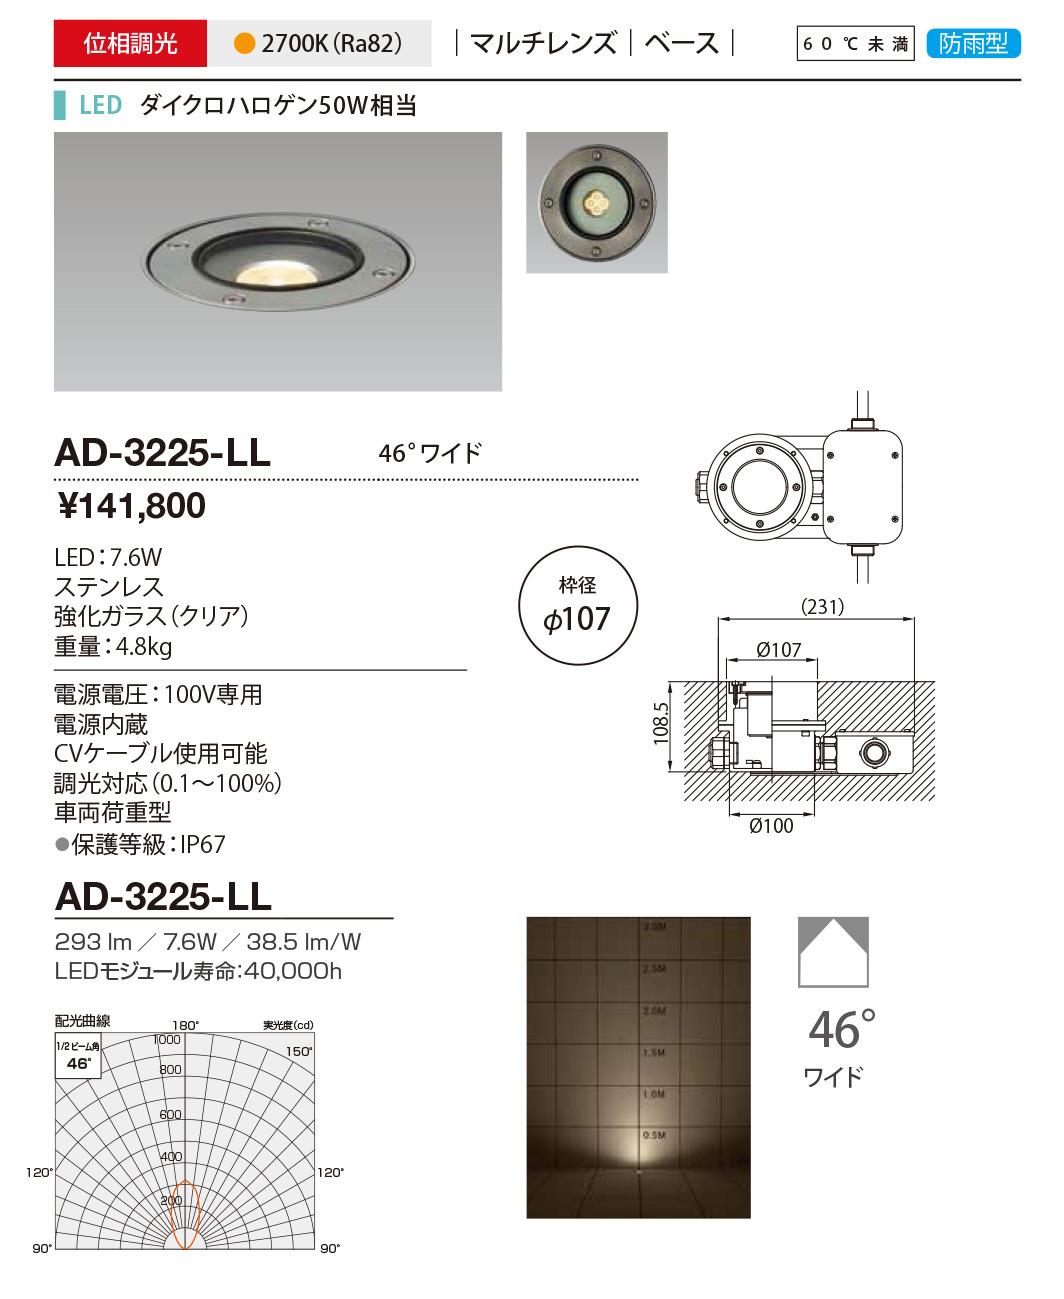 山田照明 照明器具エクステリア LED一体型バリードライトφ107 調光 マルチレンズ ベース車両荷重型 防雨型 ワイドダイクロハロゲン50W相当 電球色AD-3225-LL